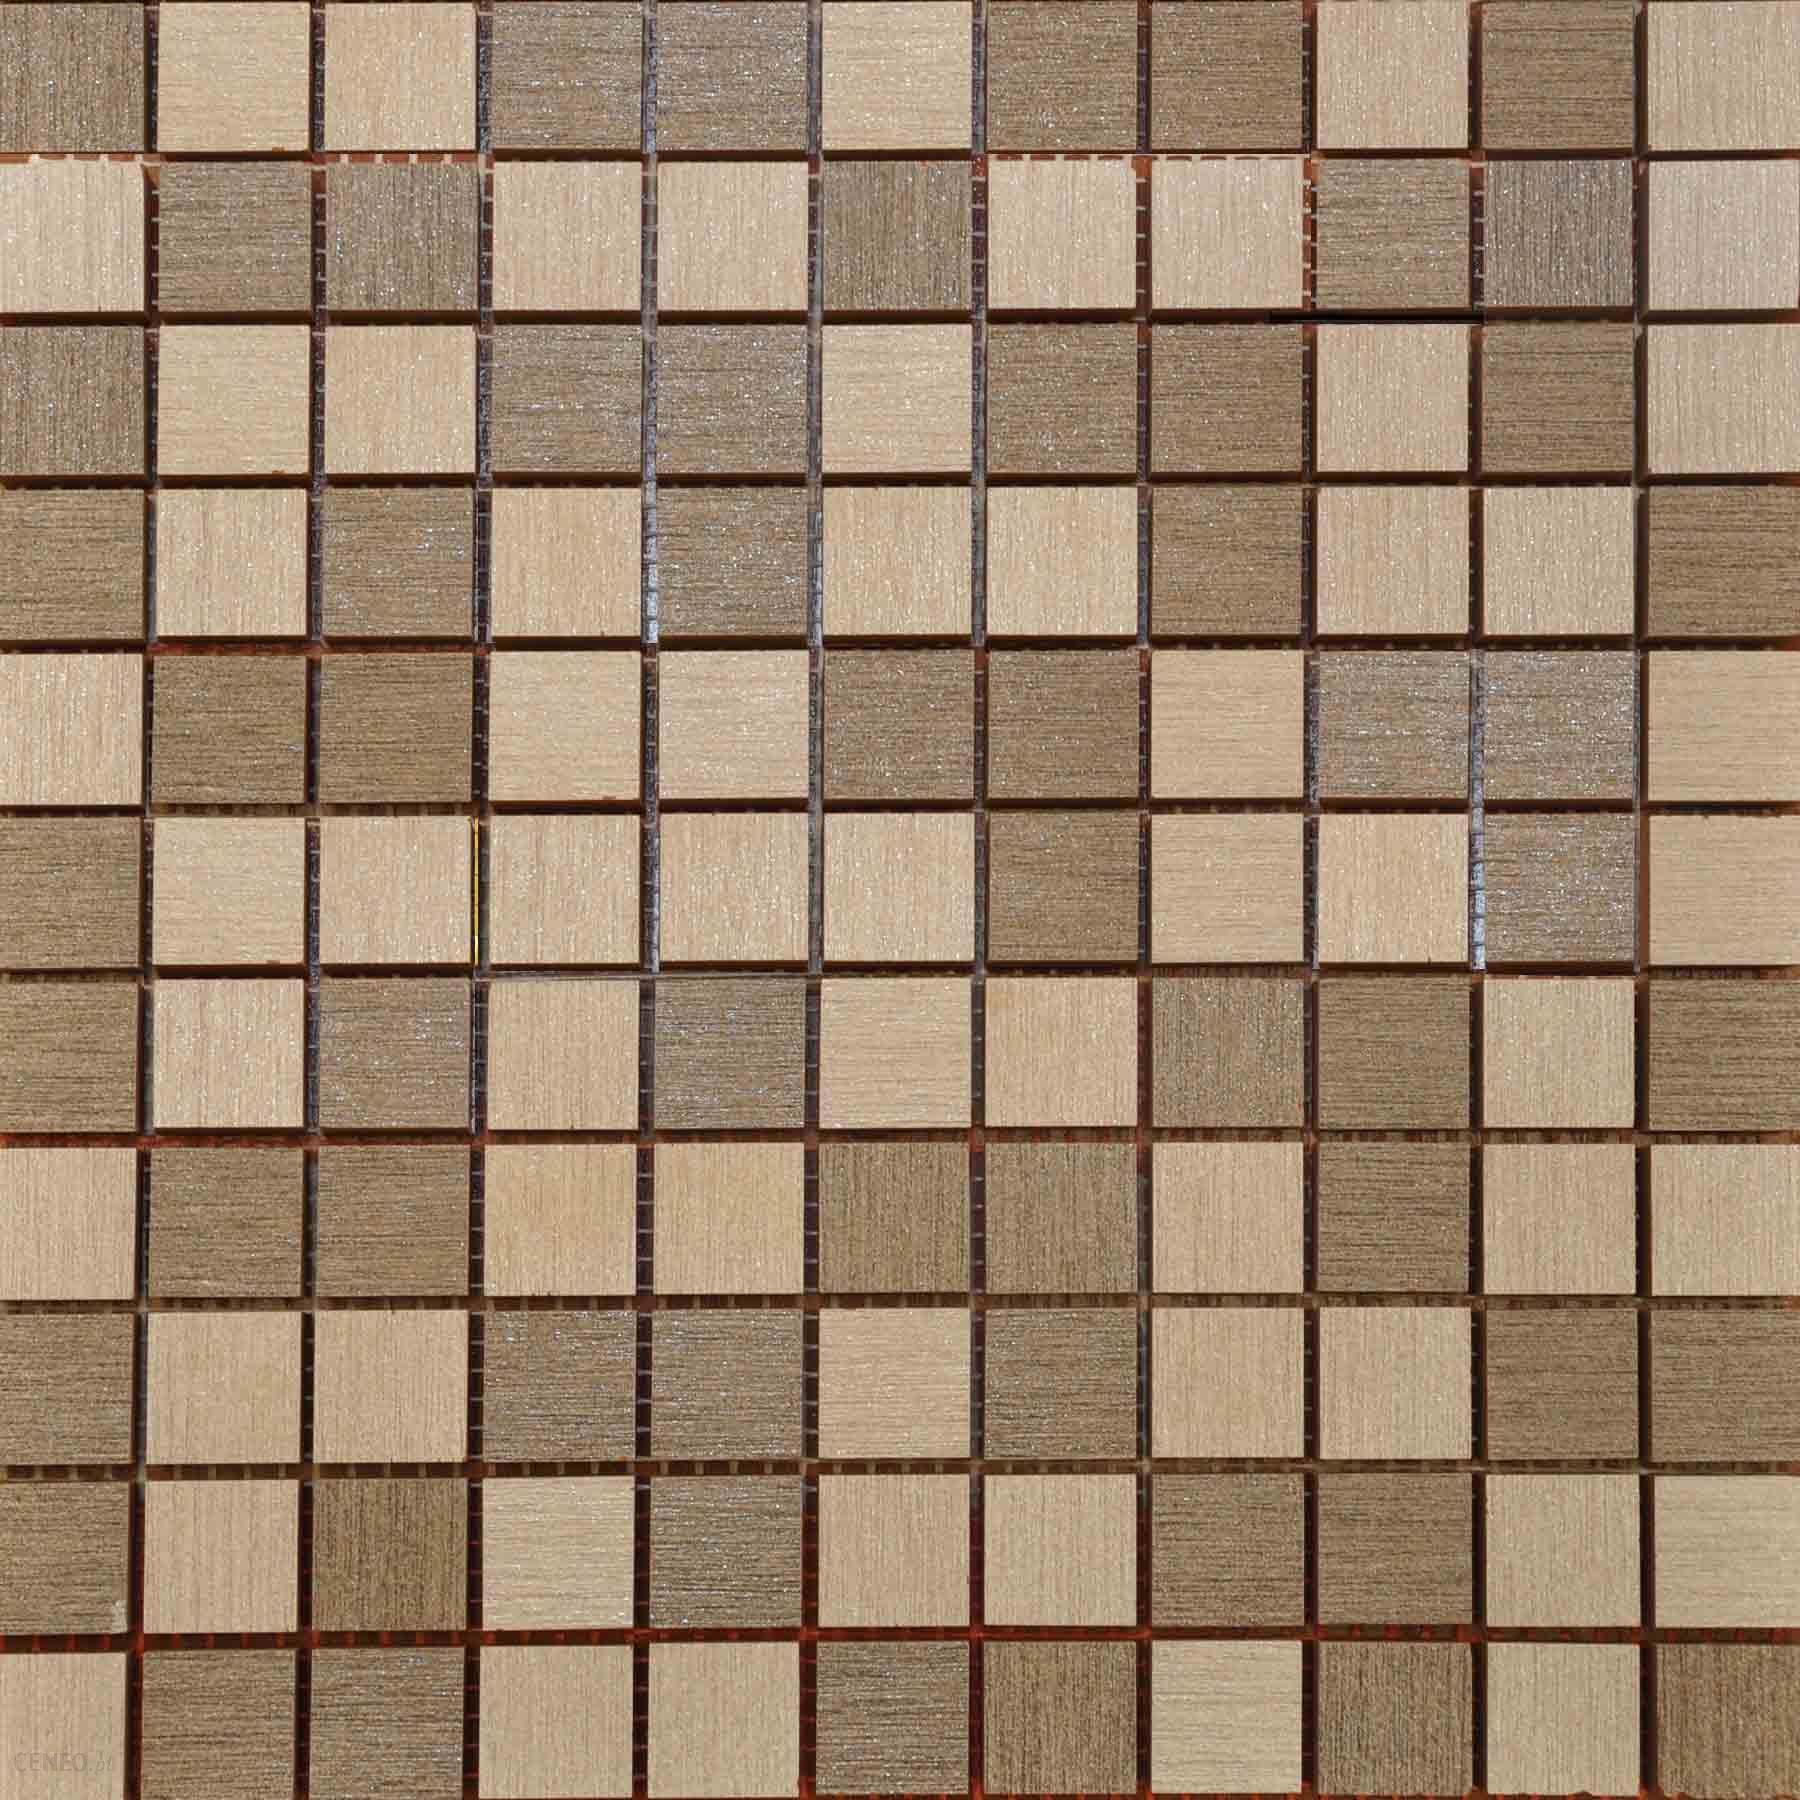 Płytki Merkury Market Mozaika Miranda 25x25 30x30 Opinie I Ceny Na Ceneopl